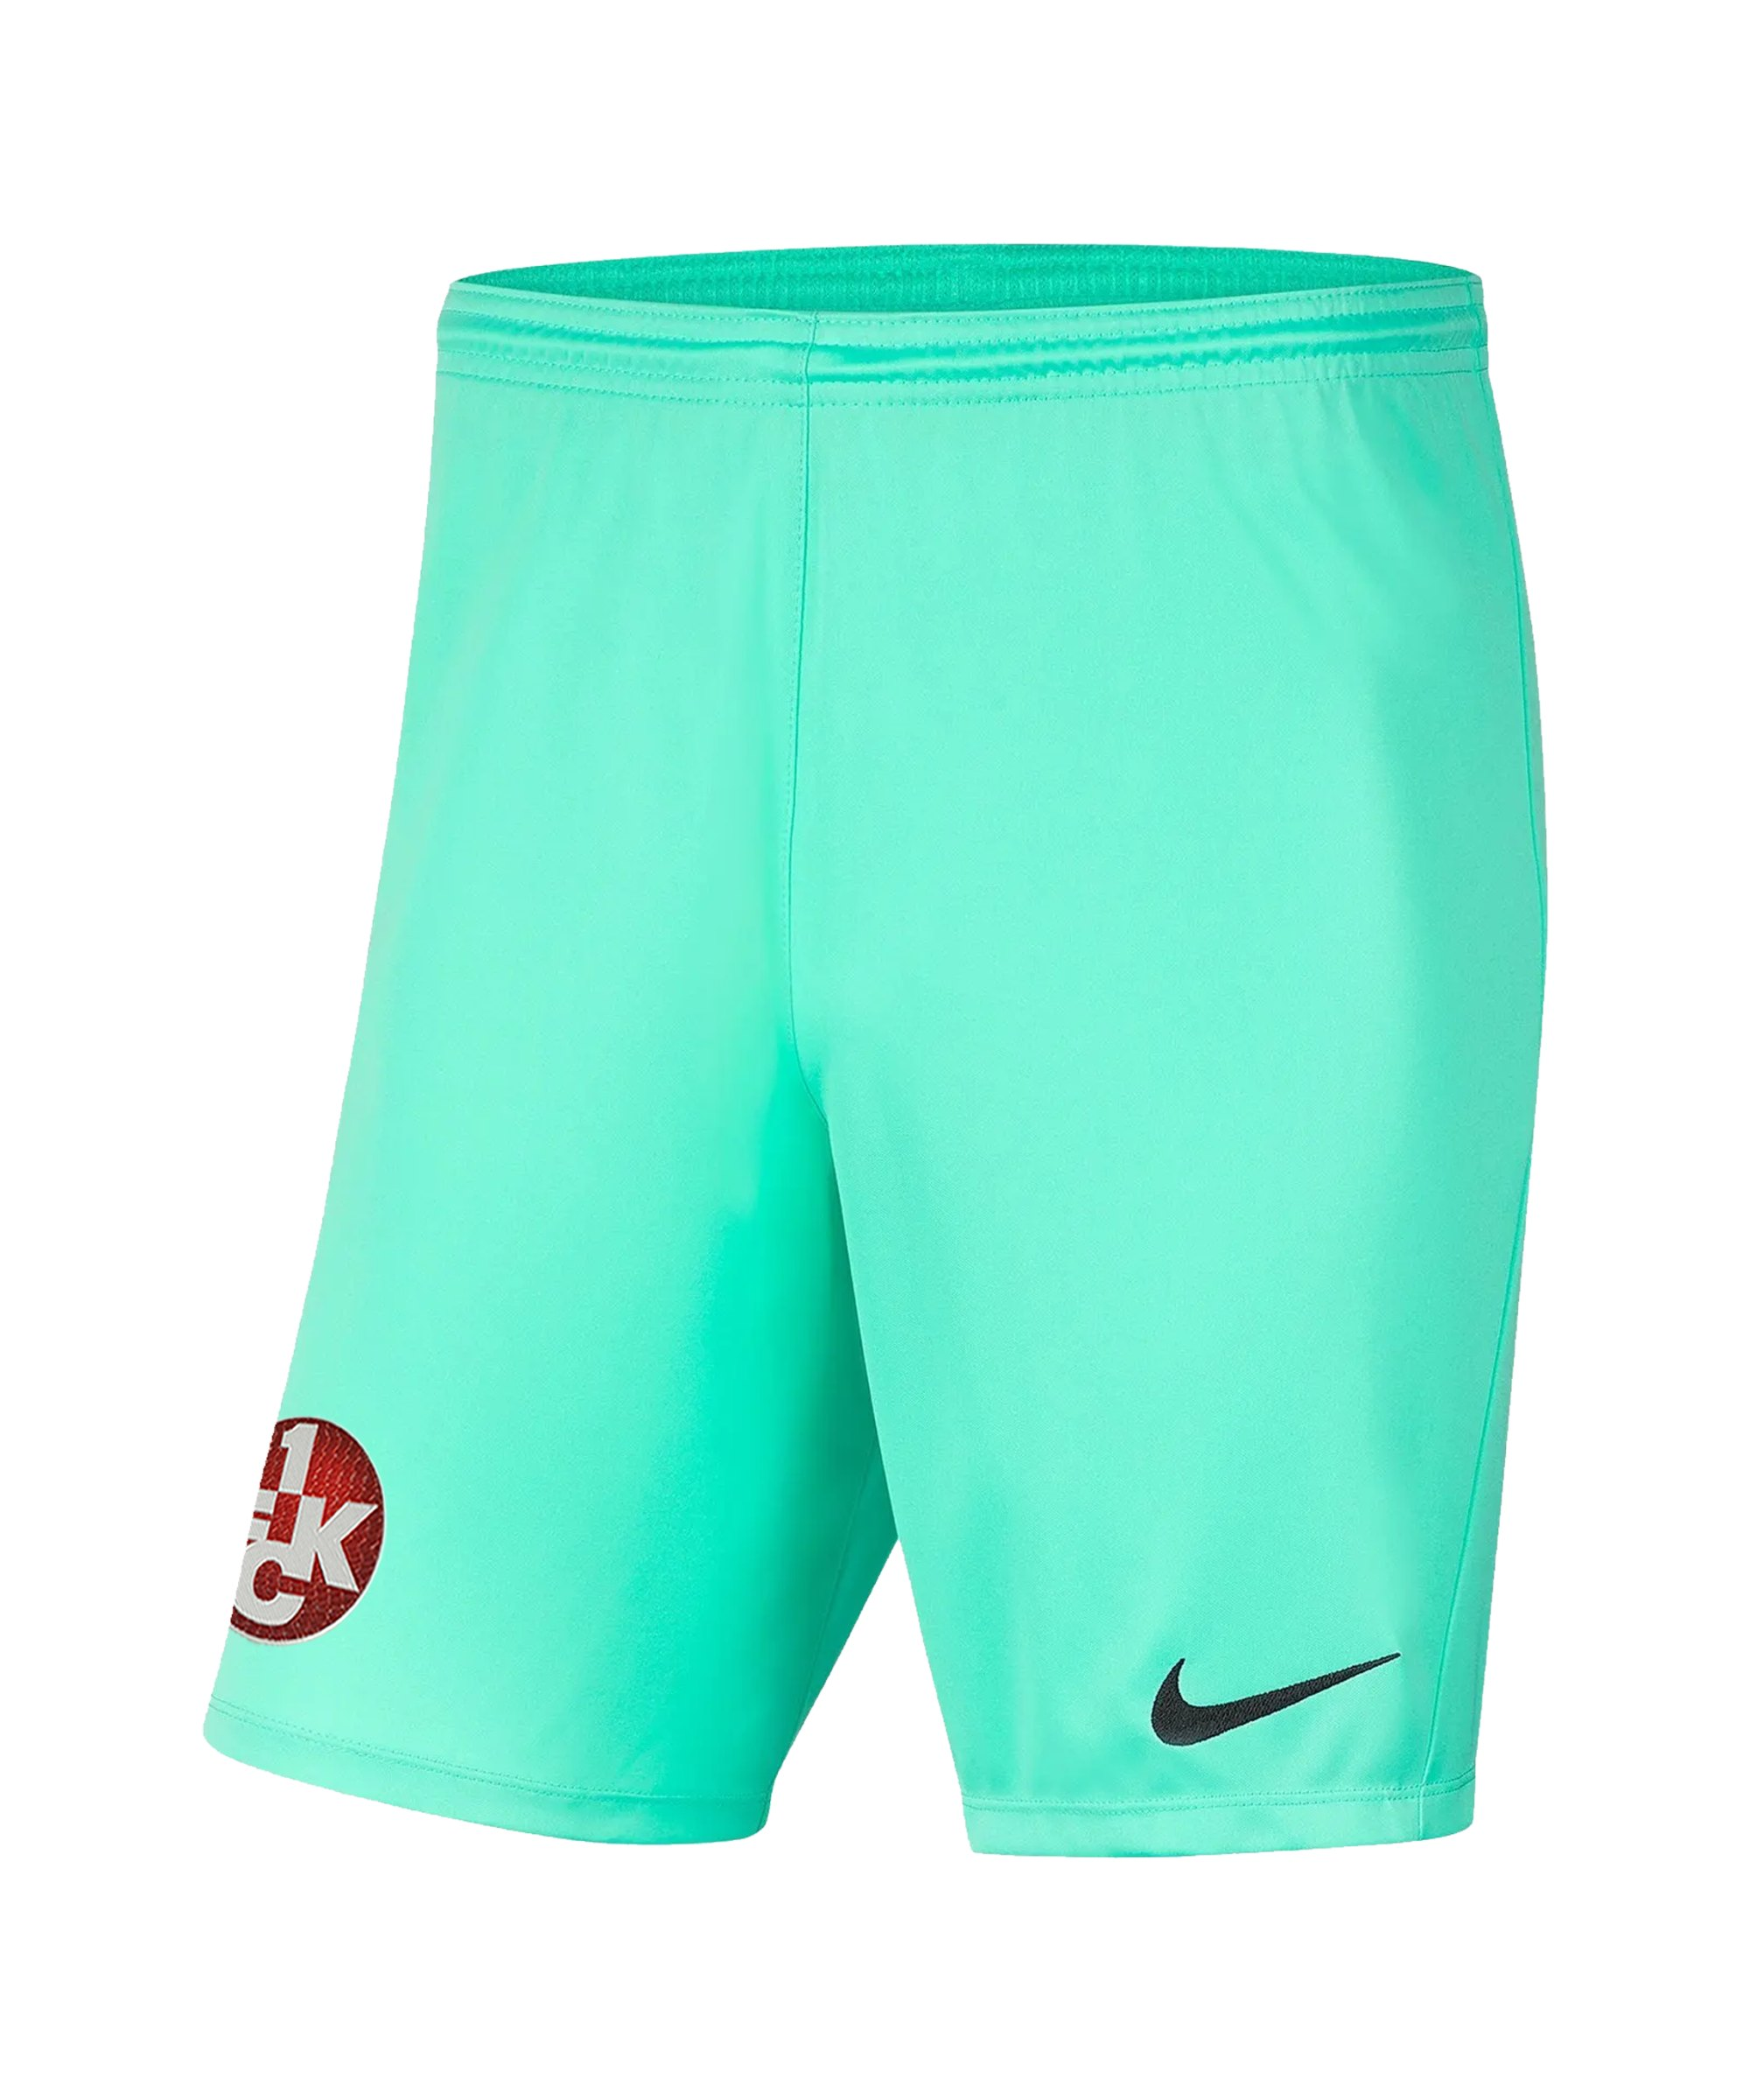 Nike 1. FC Kaiserslautern TW-Short 2021/2022 Kids F354 - tuerkis